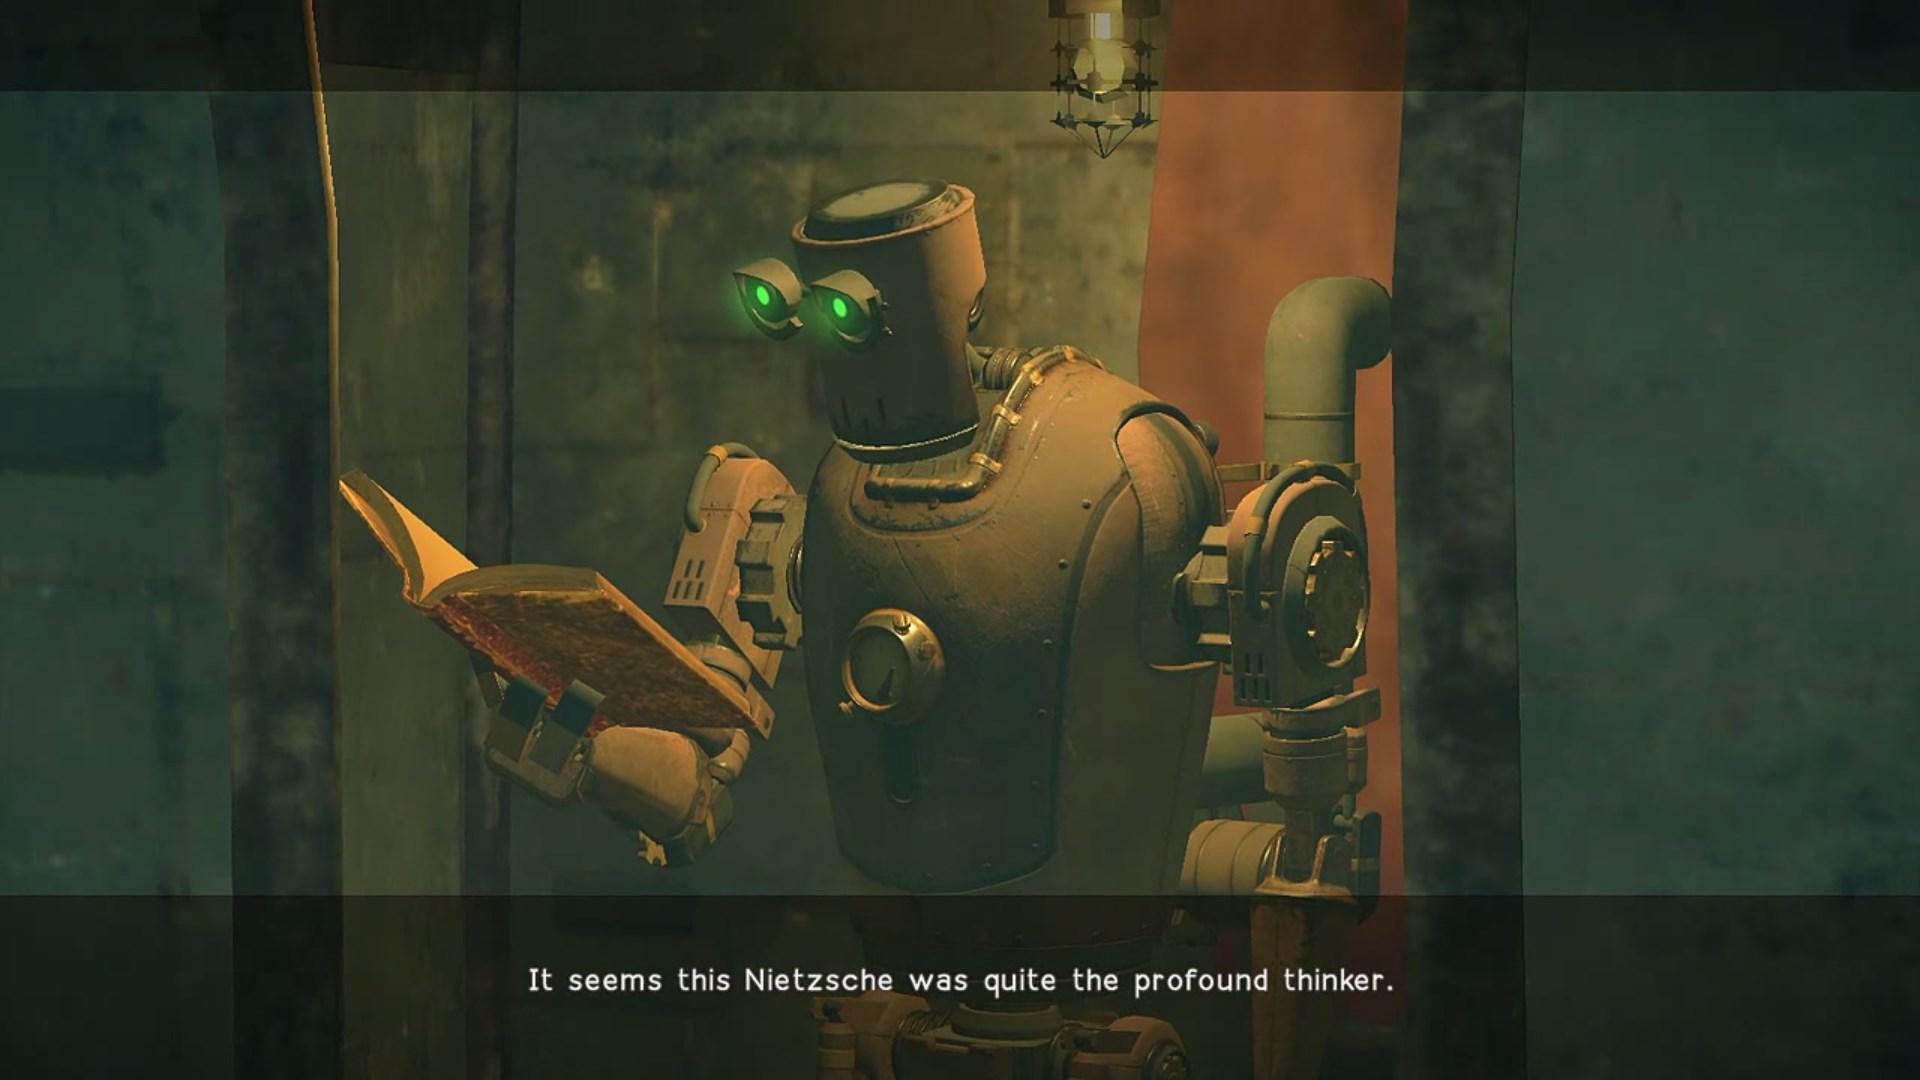 ¿Sueñan los androides con idealismo alemán?